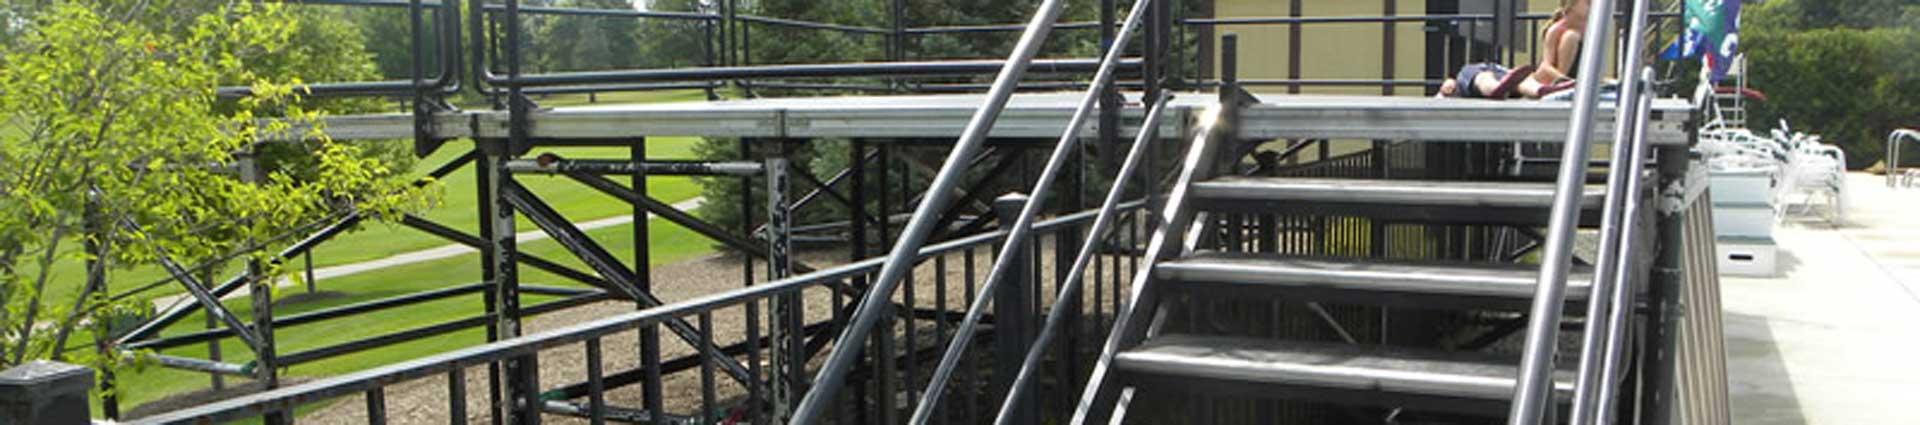 Stair rental sample